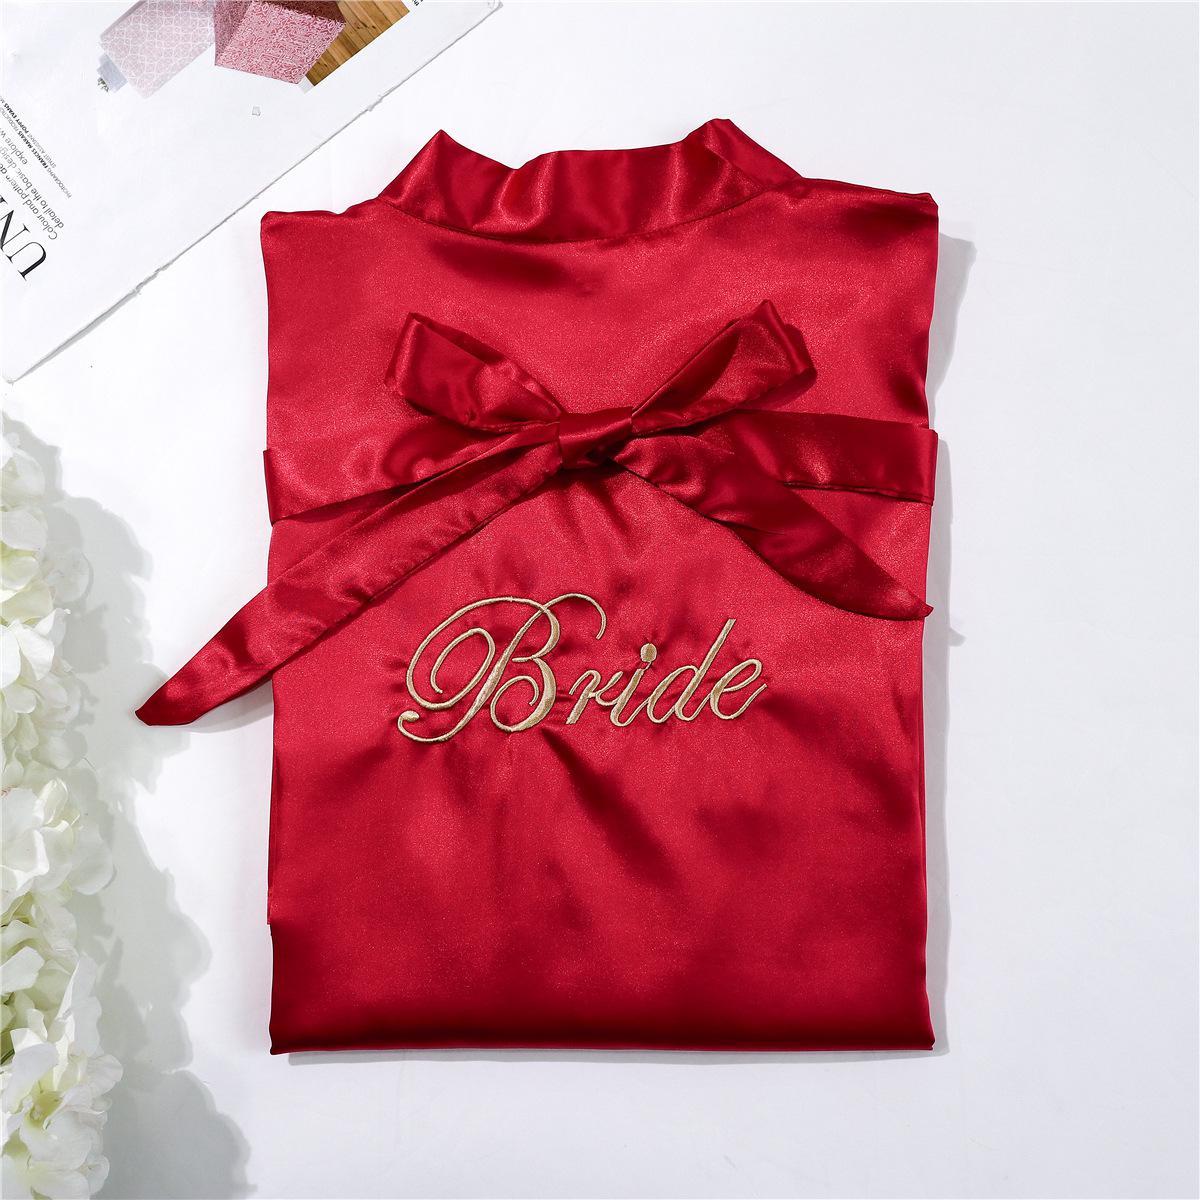 Bride - Dark Red